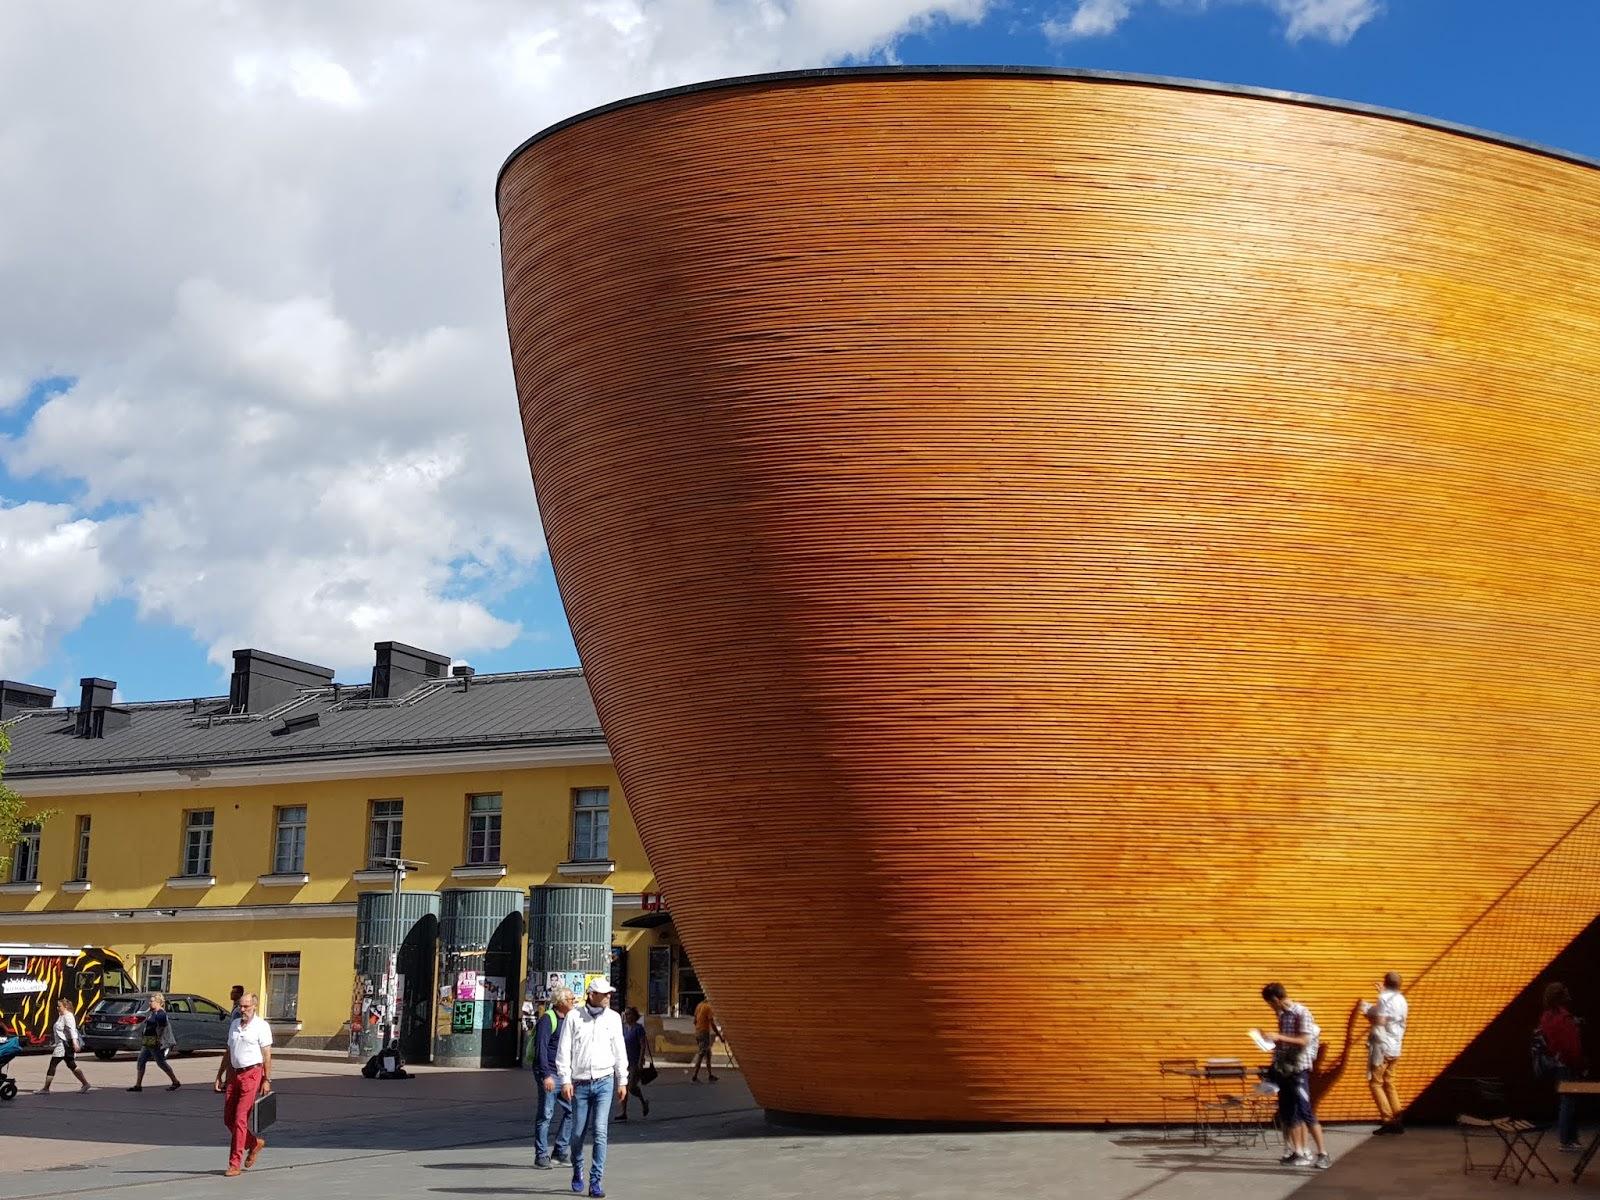 Chapel of Silence in Helsinki